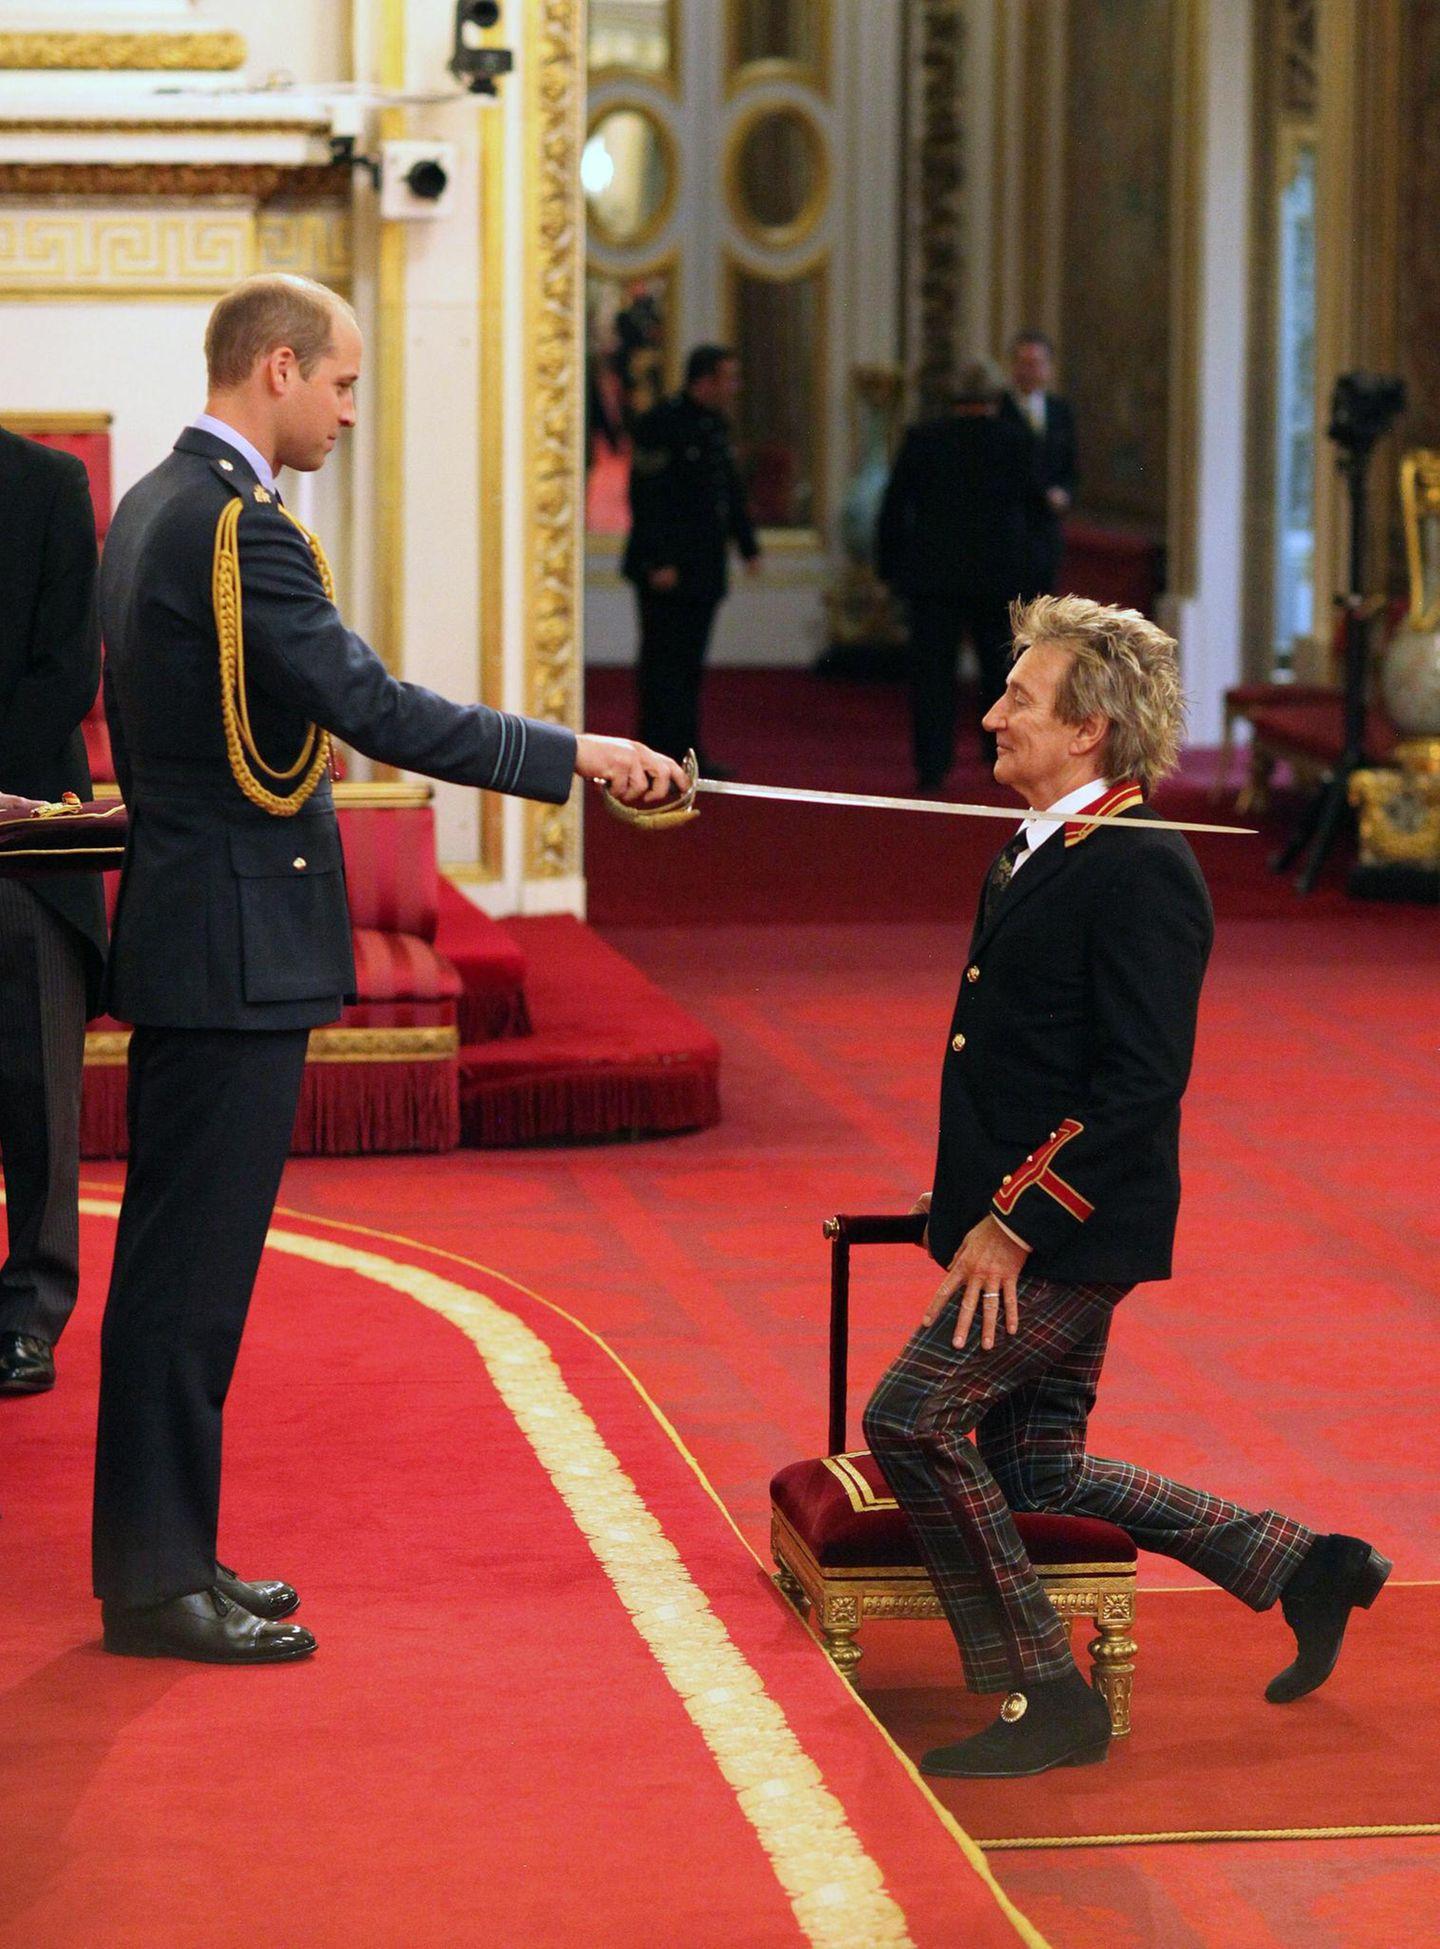 11. Oktober 2016: Nicht nur die Queen greift zum Säbel, wenn Promis wie Rod Stewart sich vor ihr auf's Samtkissen knien. In Vertretung für seine Großmutter schlägt Prinz William den britischen Sänger bei einer Investitur-Zeremonie im Buckingham Palace zum Ritter. Und das sehr gekonnt: Das Ohr ist noch dran, die Haare sitzen.